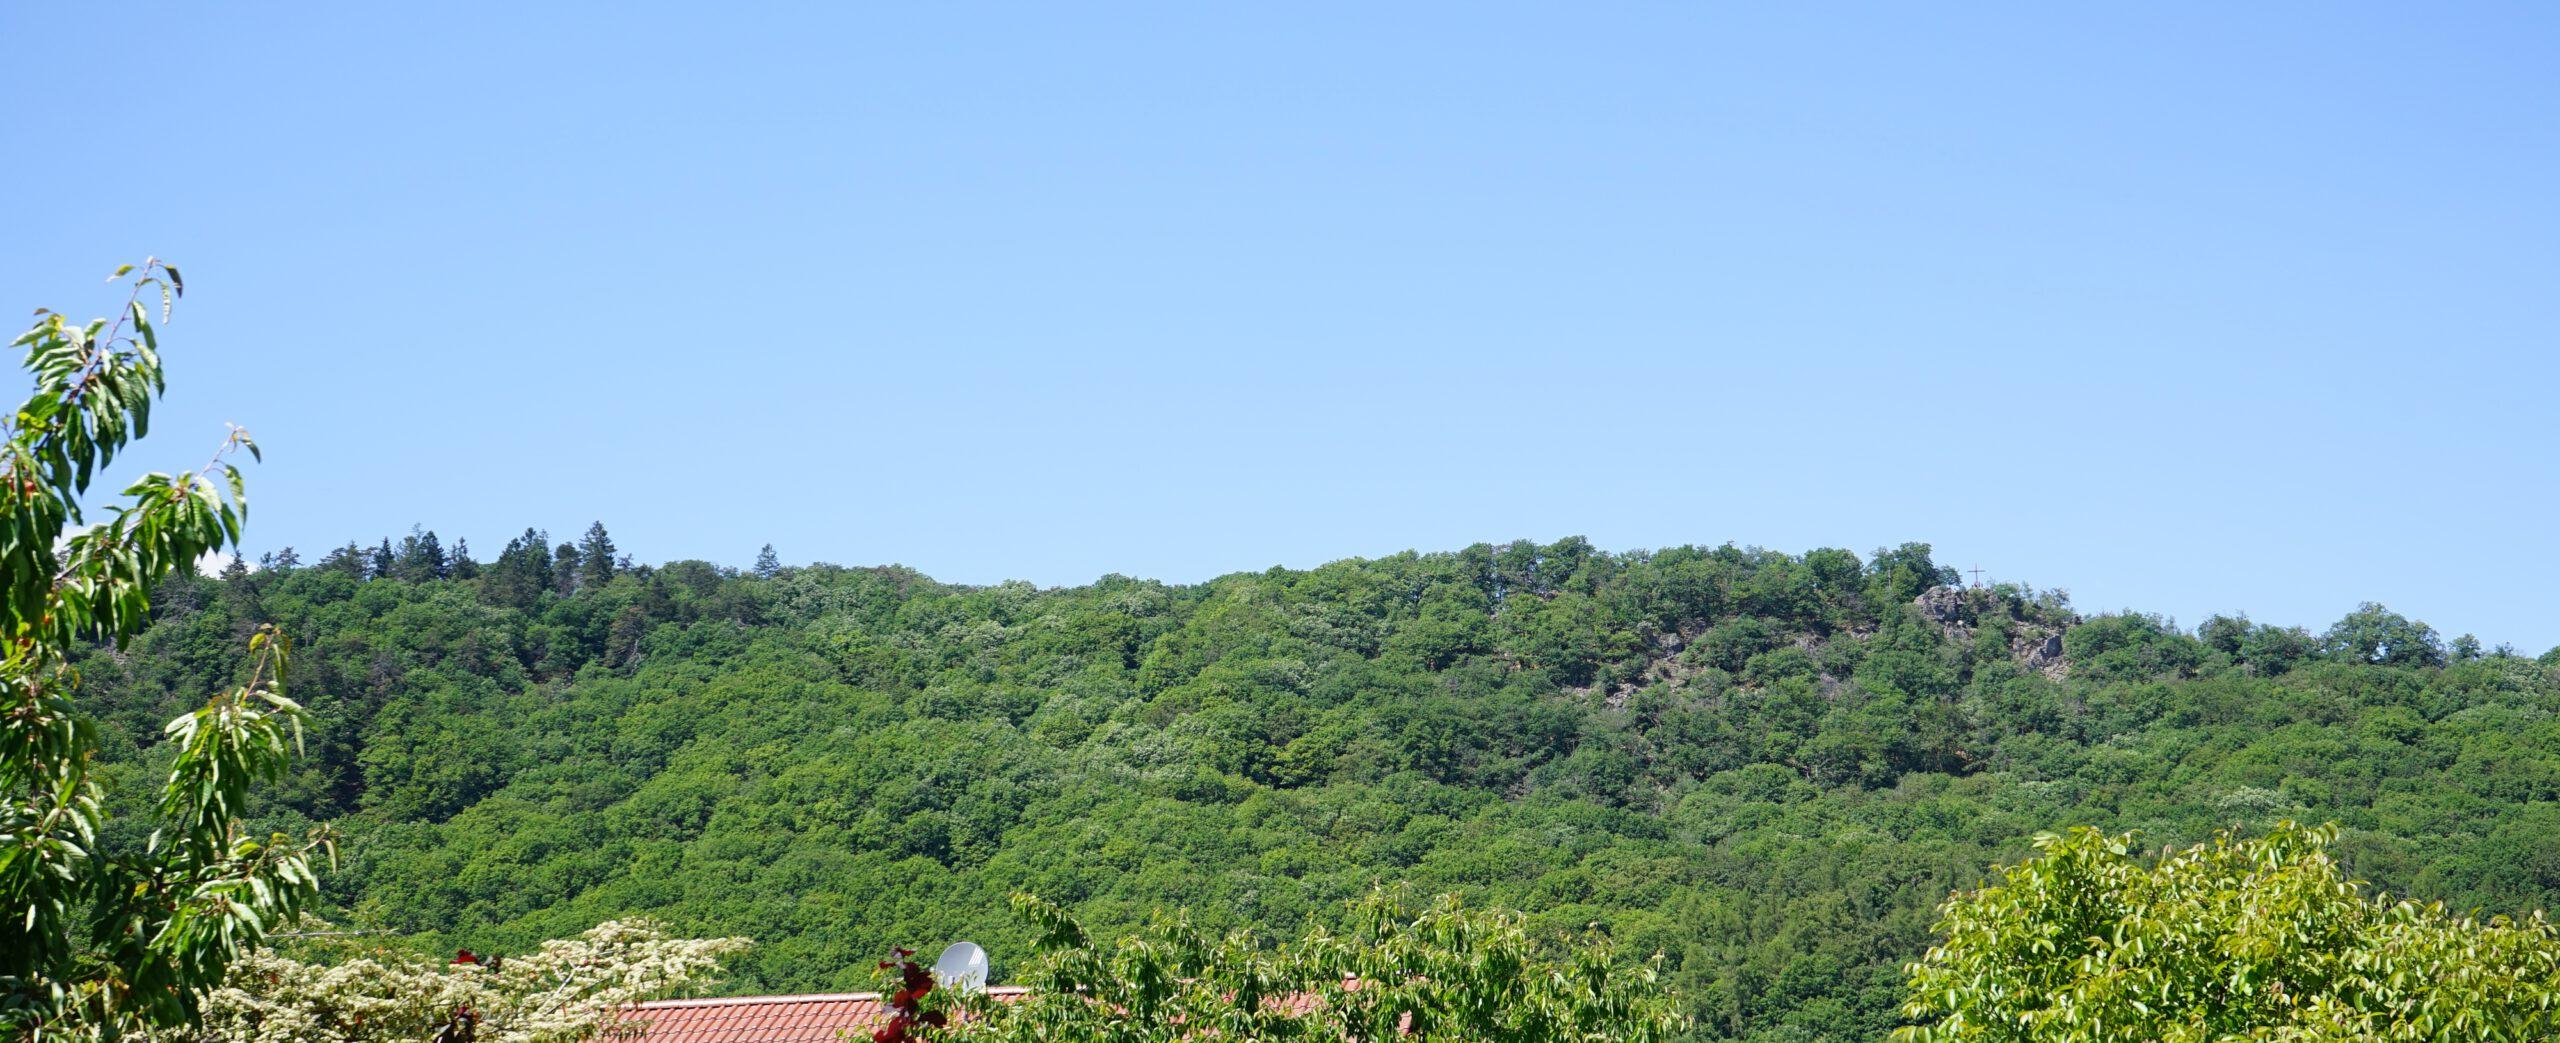 Taben-Rodt, Blick auf Maunert mit Gipfelkreuz (Begehbar über den Felsenpfad Maunert-Grat)